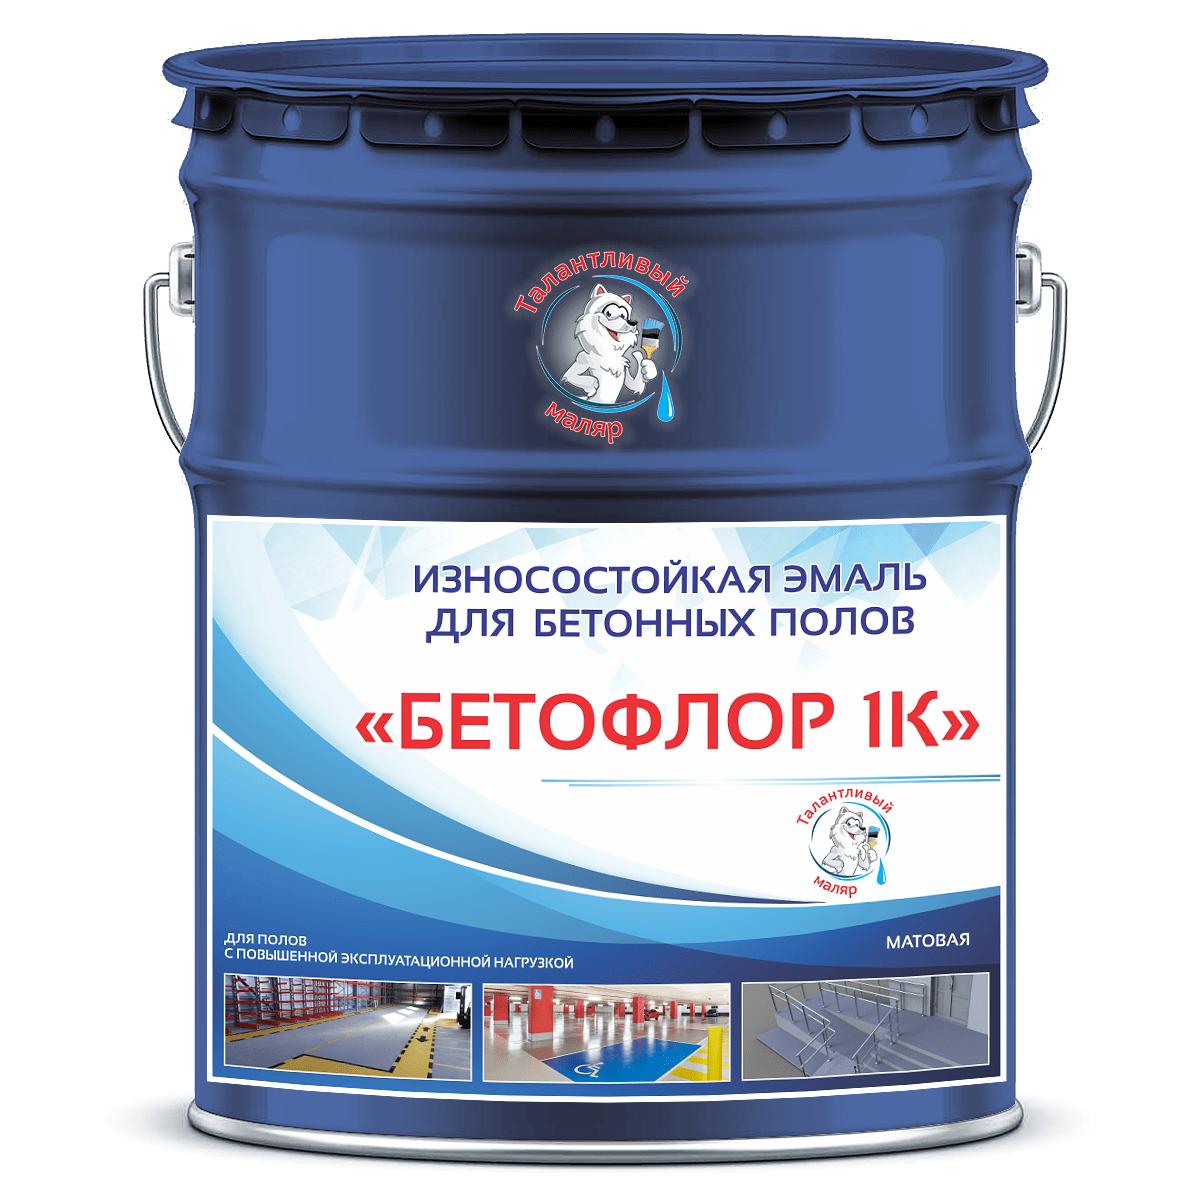 """Фото 16 - BF5003 Эмаль для бетонных полов """"Бетофлор"""" 1К цвет RAL 5003 Сапфирово-синий, матовая износостойкая, 25 кг """"Талантливый Маляр""""."""